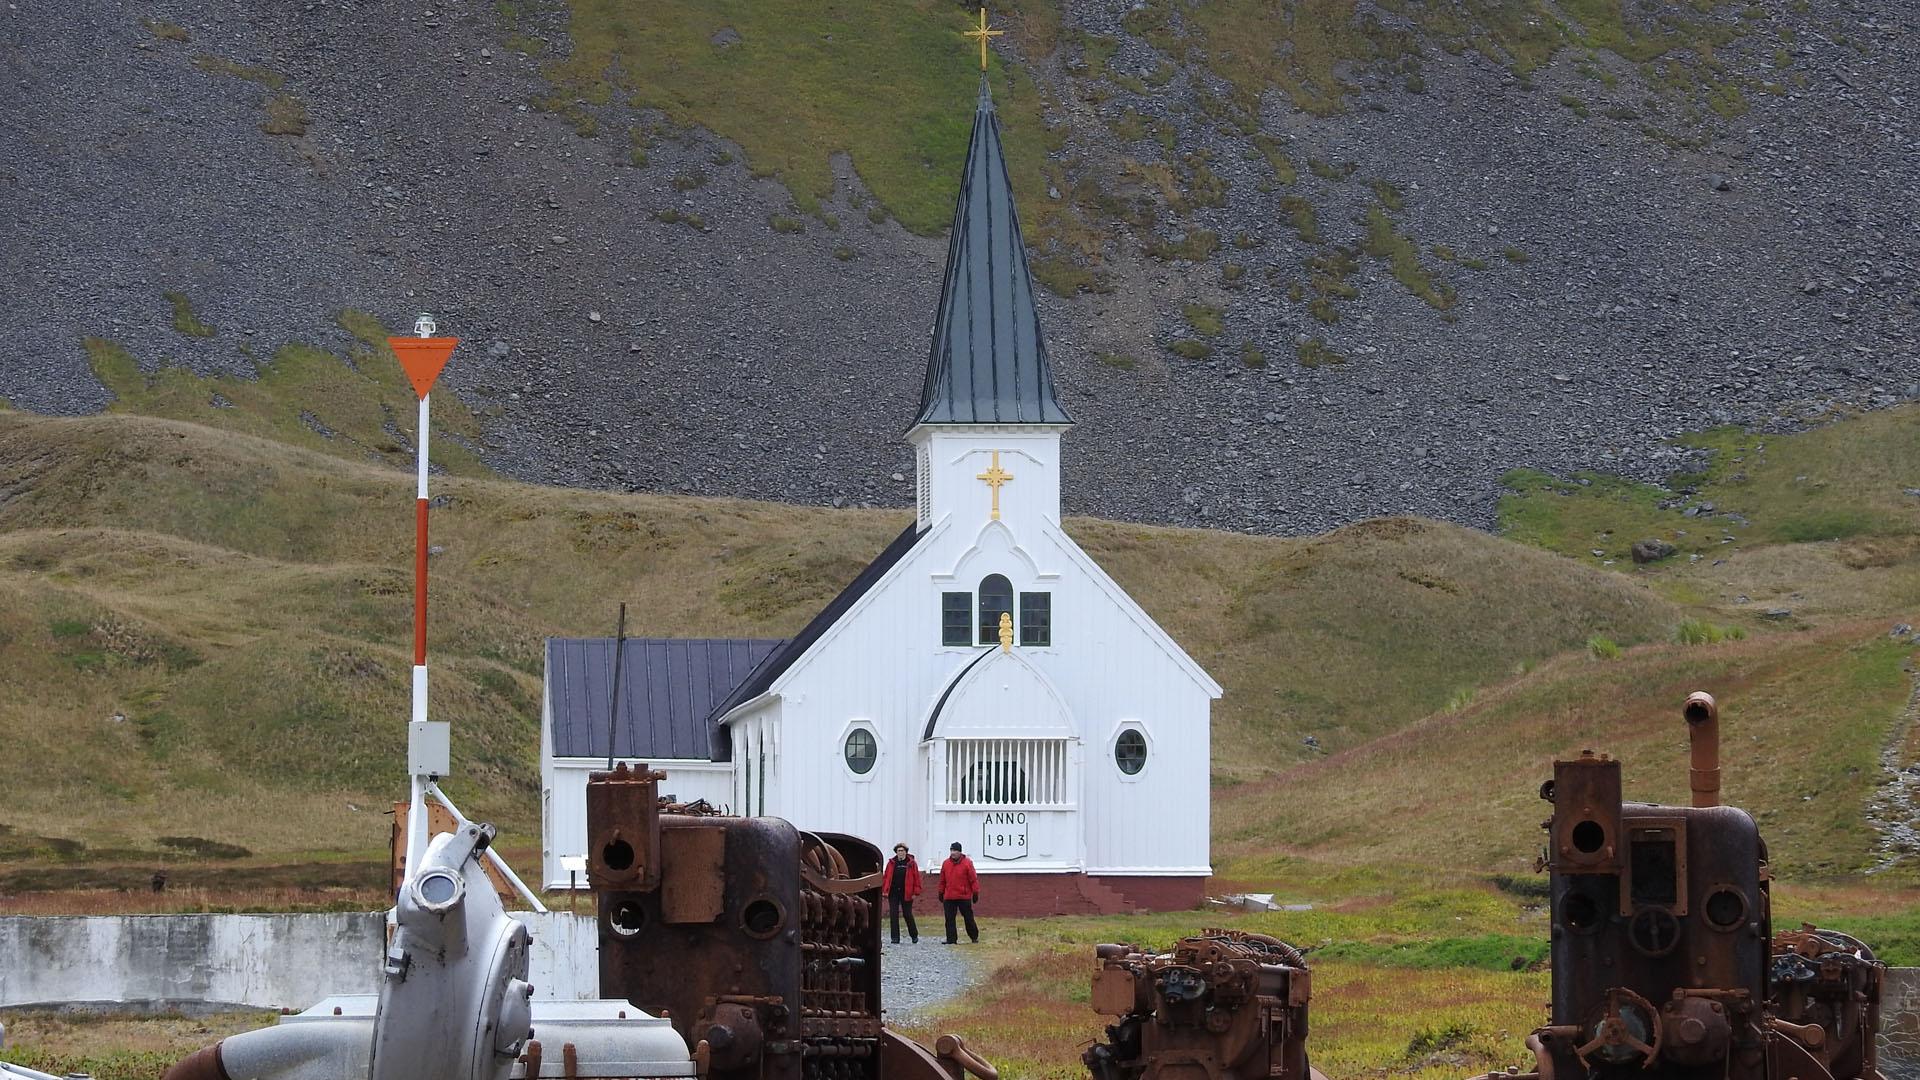 Die Walfängerkirche in Grytviken auf der Insel Südgeorgien: Bis in die 1960er Jahre war dort die größte Walfangstation der welt. 1913 wurde dort diese norwegisch-lutherische Kirche gebaut.